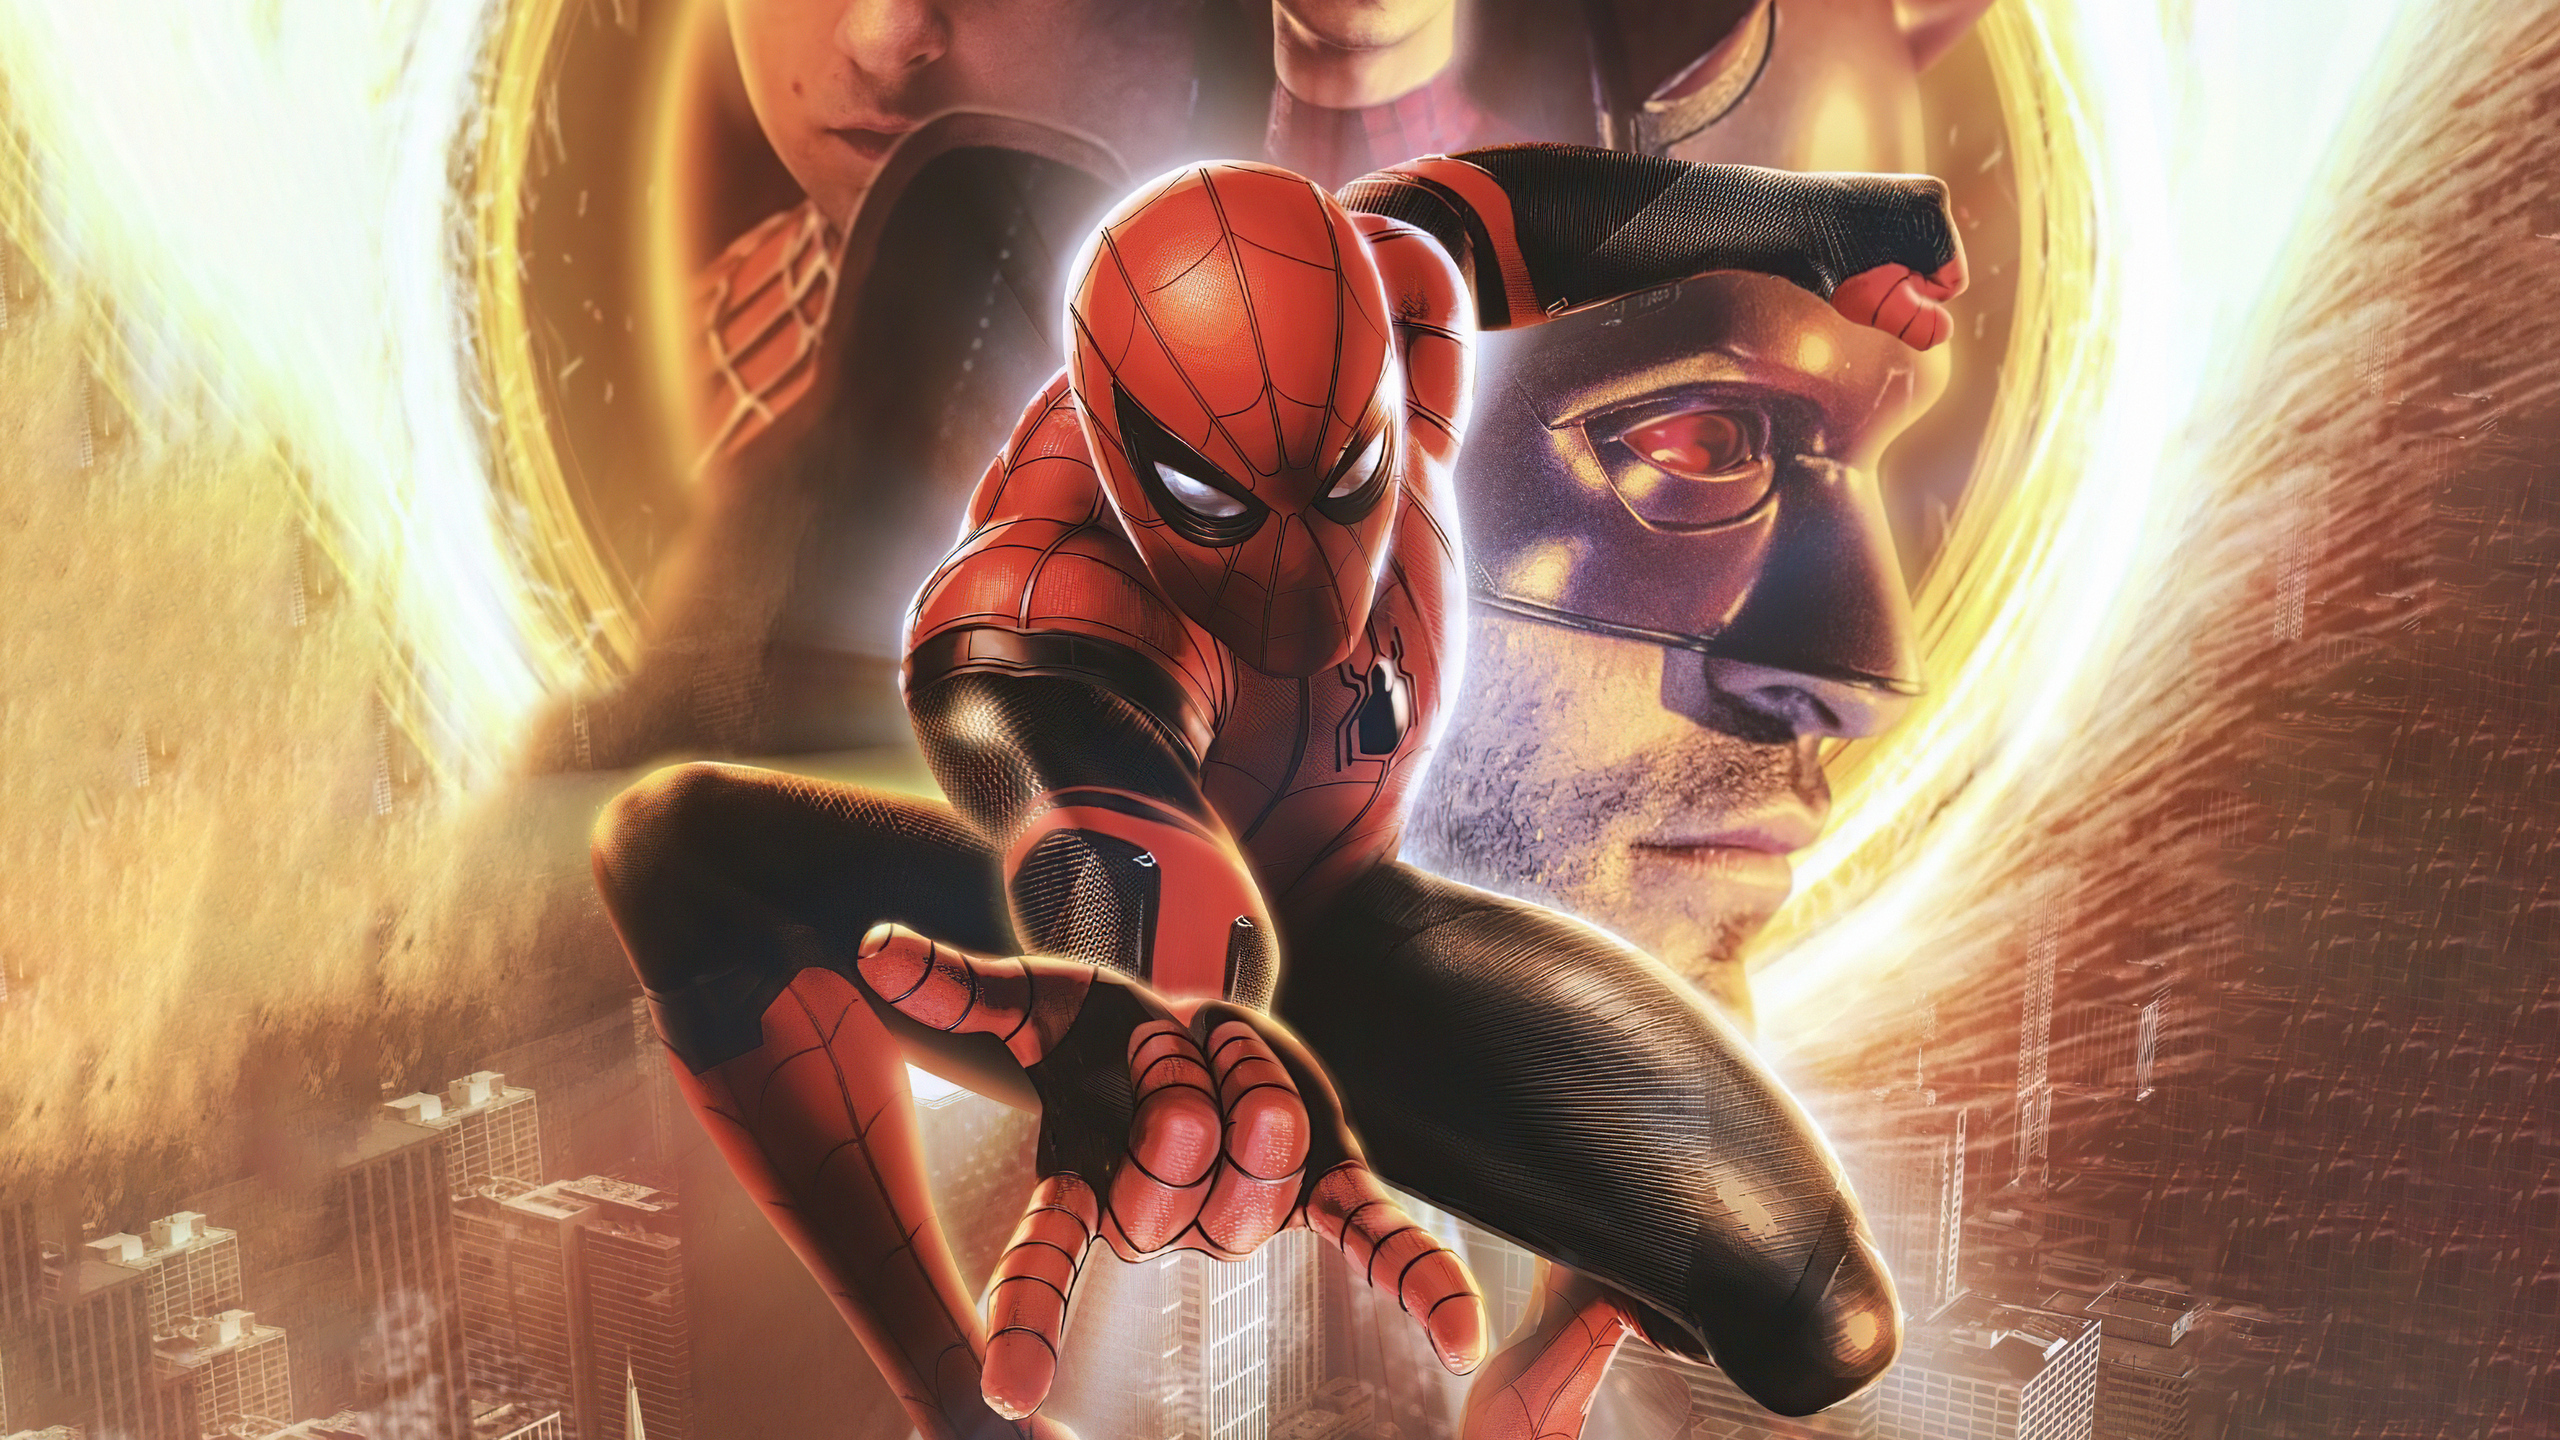 spiderman-x-daredevil-4k-ko.jpg